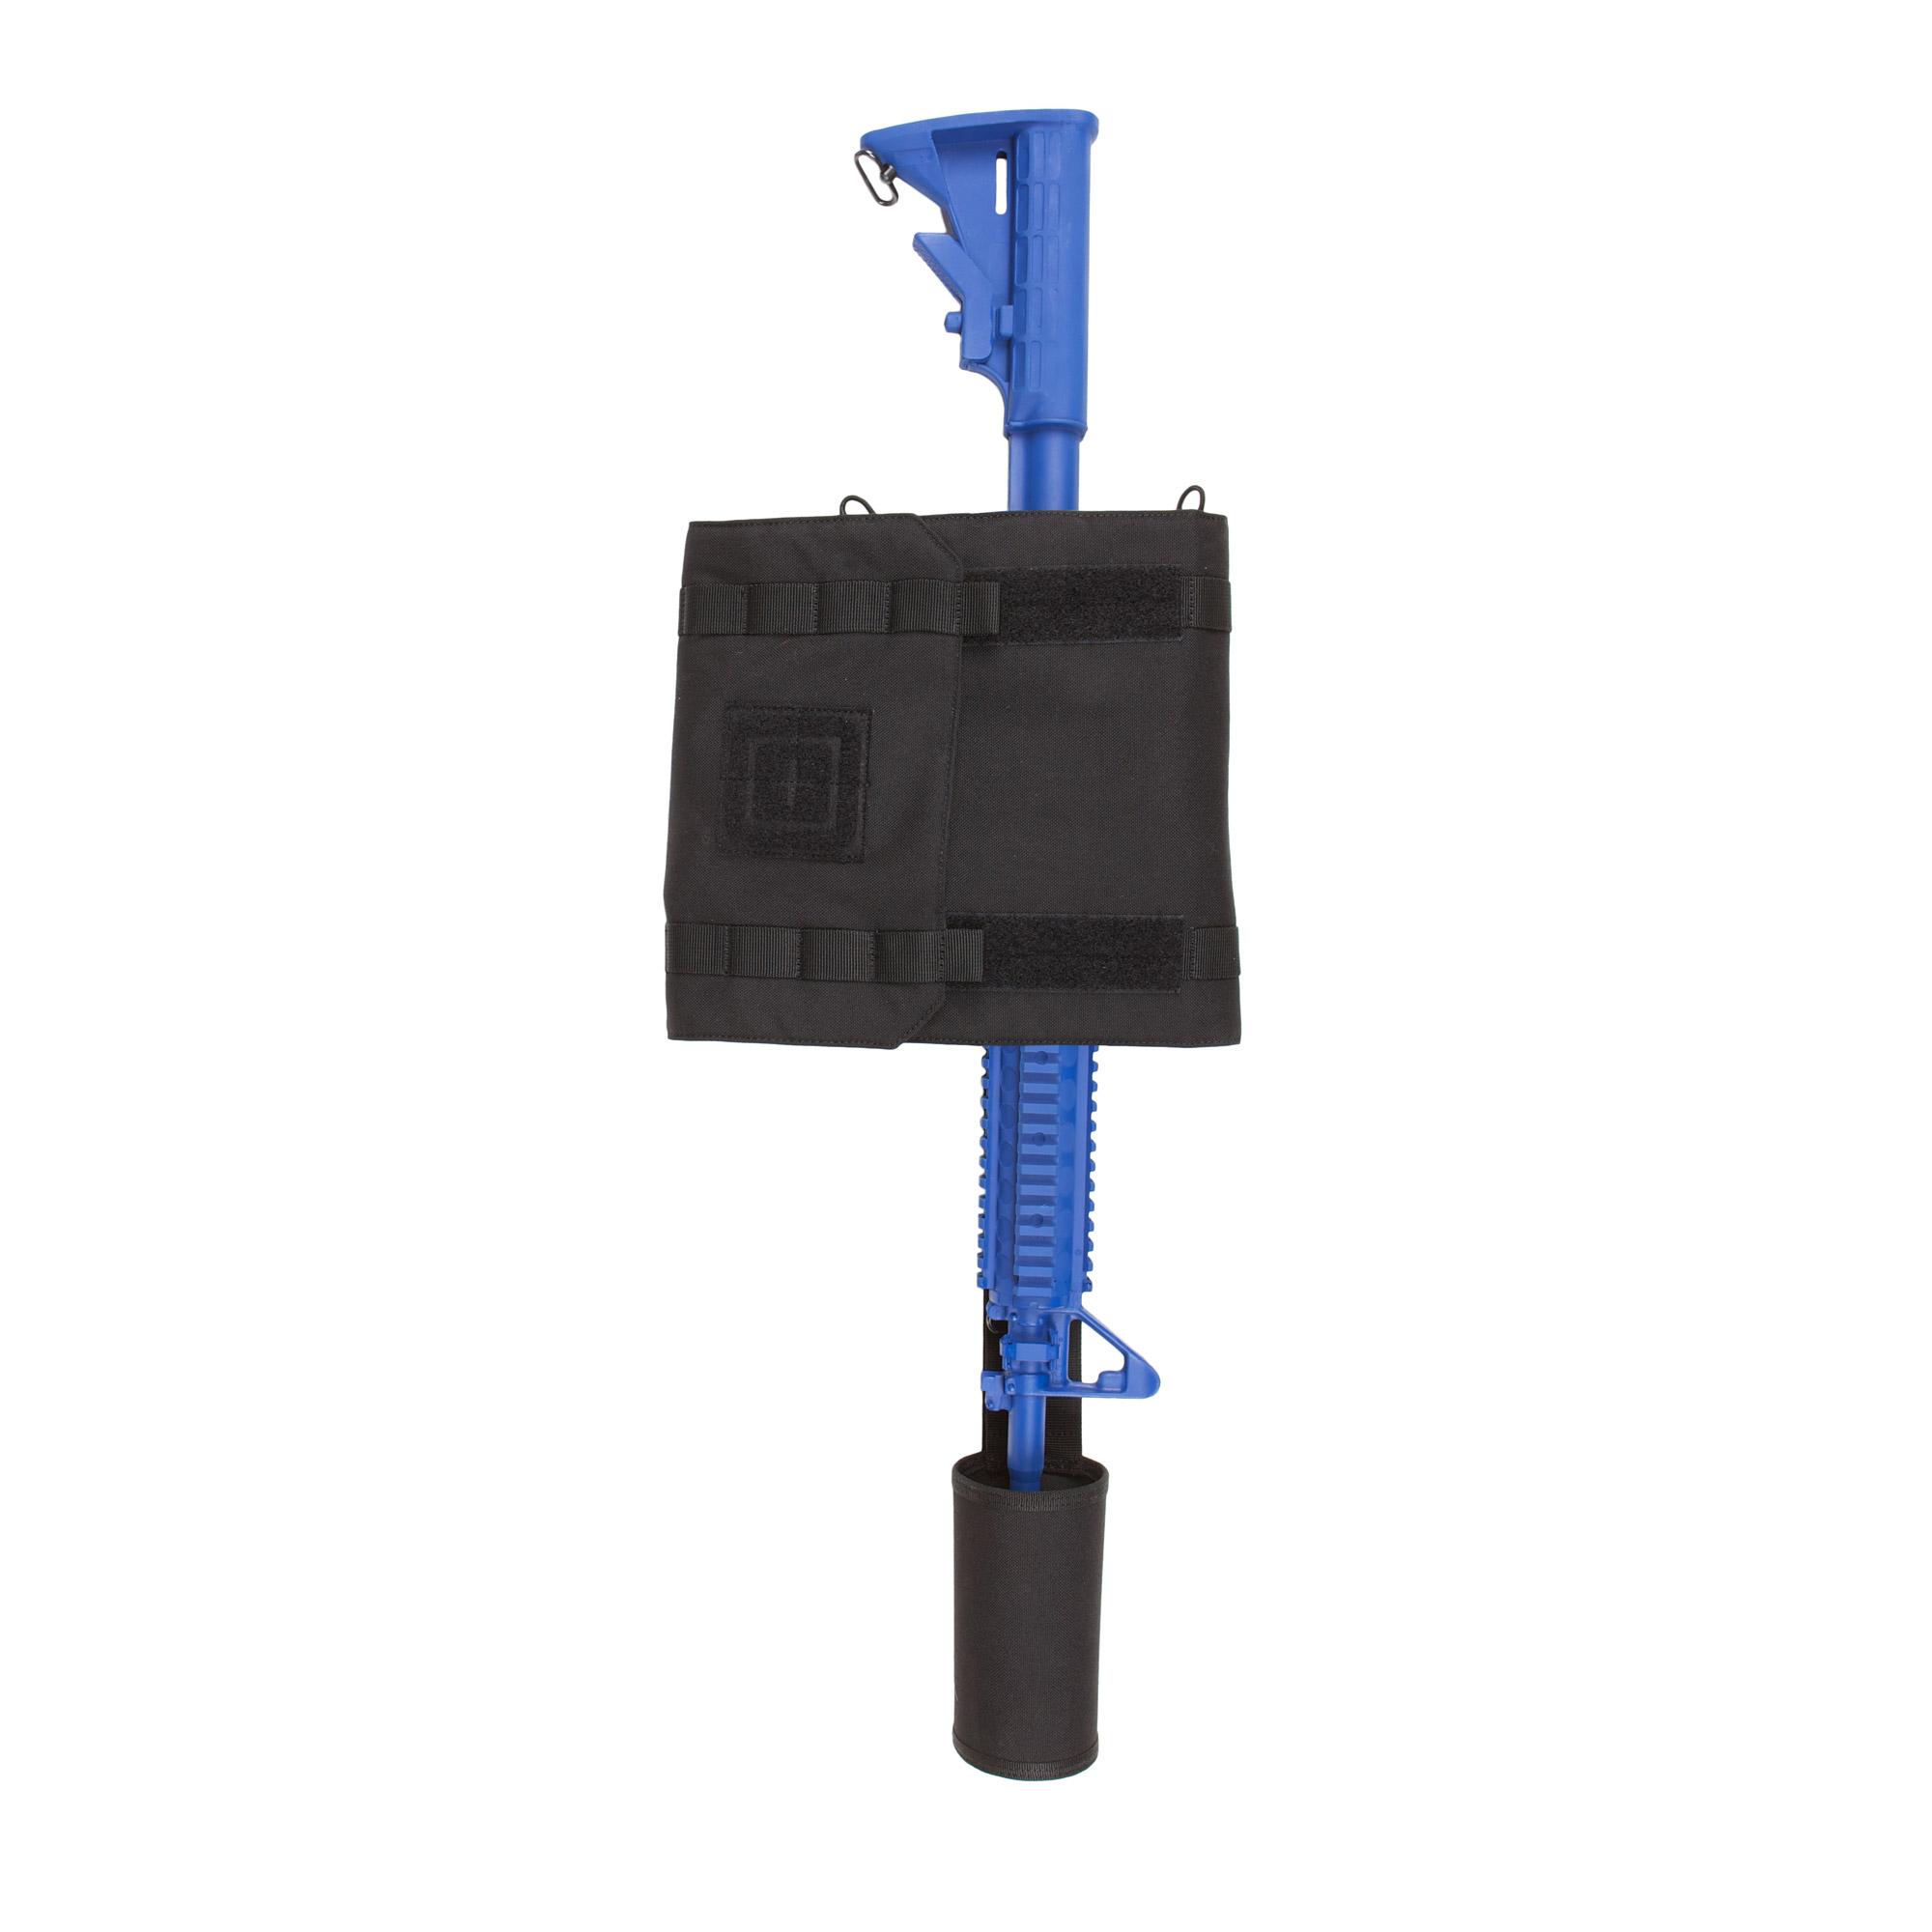 Многофункциональная система крепления ружья, RUSH TIER RIFLE SLEEVE, цвет BLACK (56086-019), фото 2